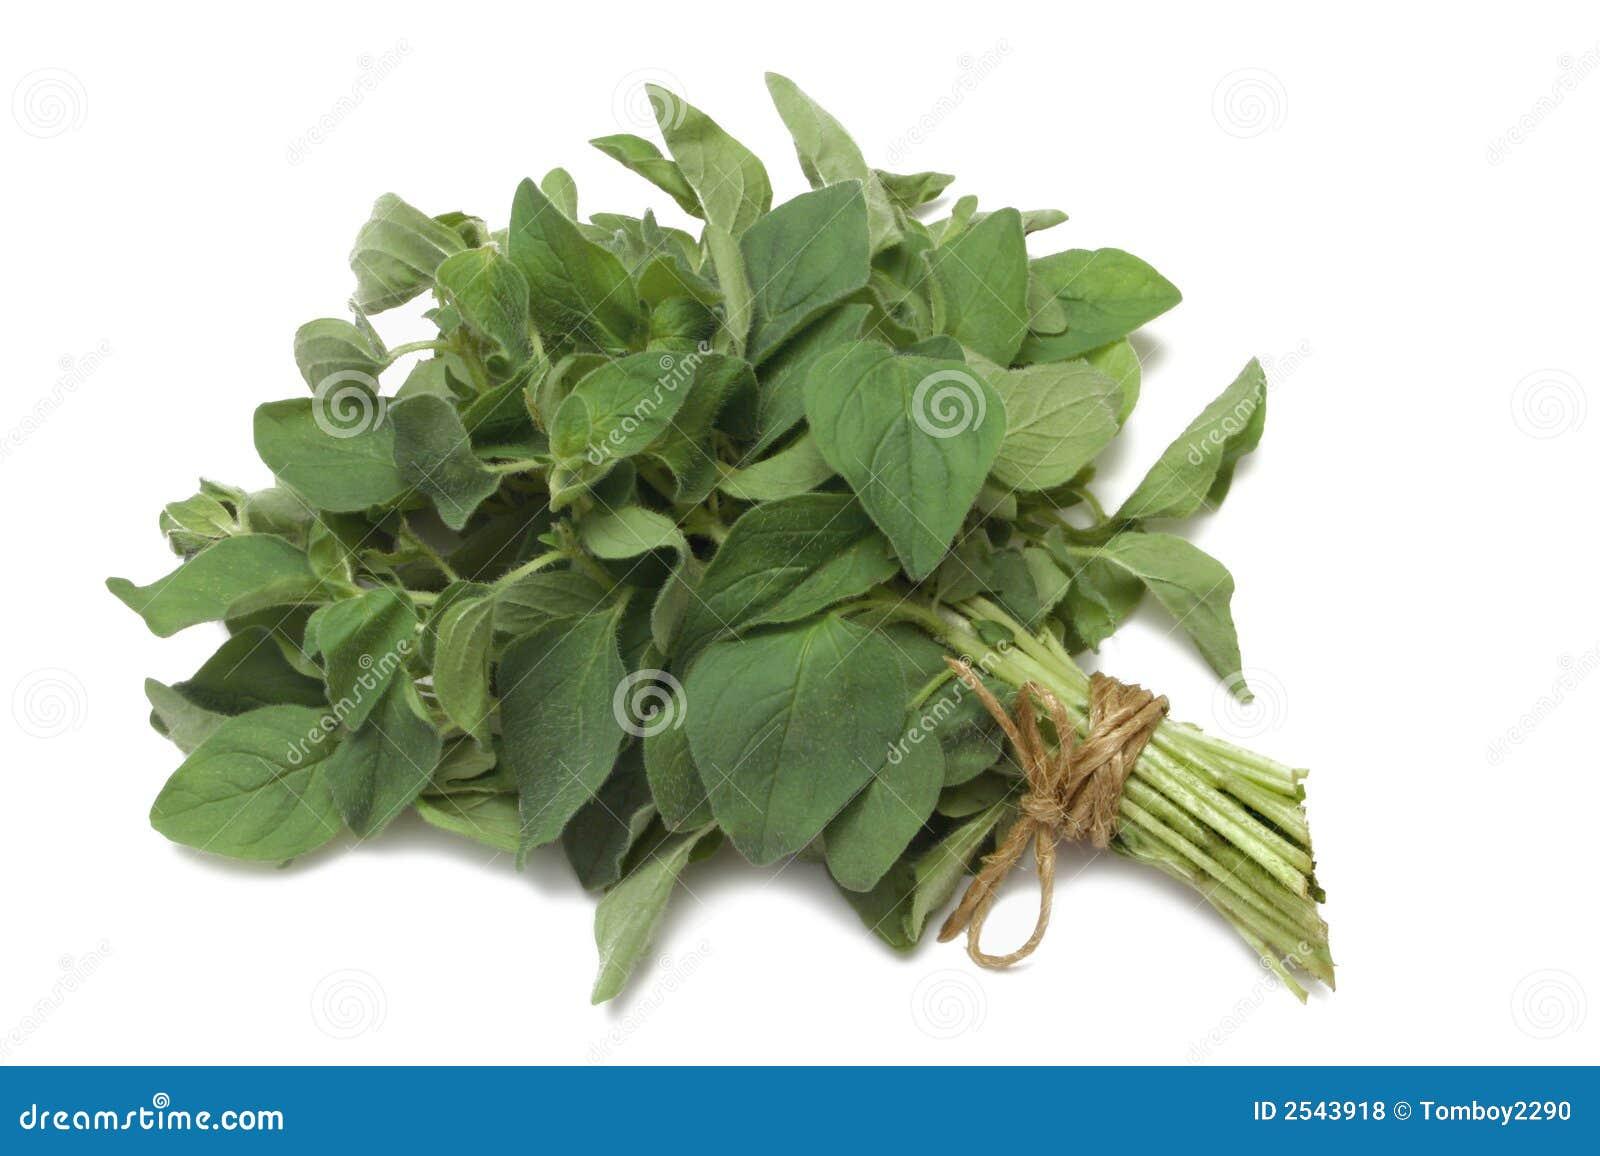 Herb Series Oregano